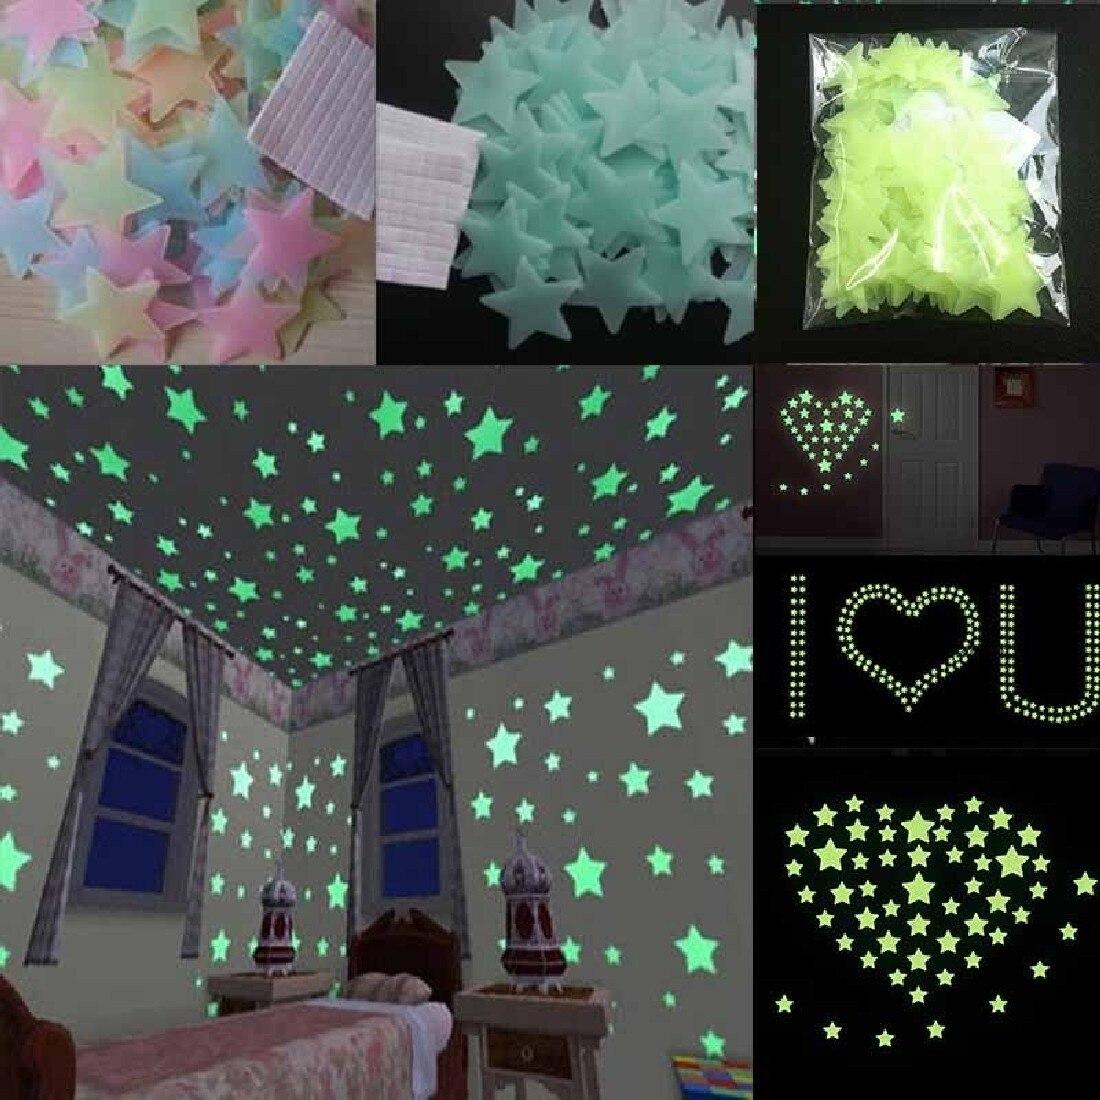 Творческий 100 шт./упак. светящиеся звезды наклейки стены дома светятся в темноте звезд для детей флуоресцентные наклейки украшения